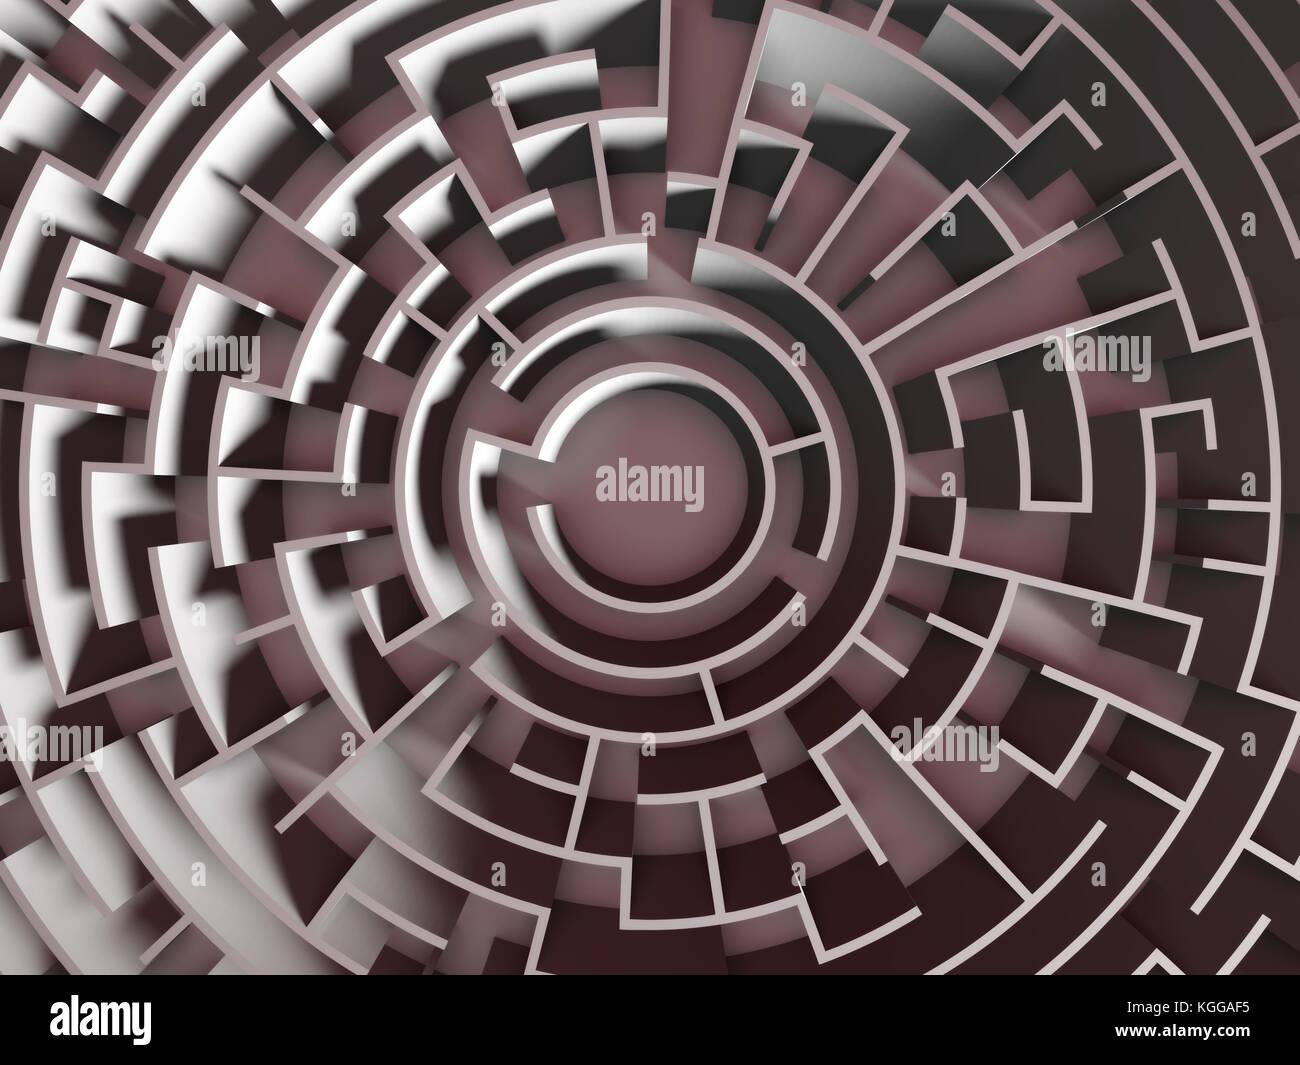 Laberinto circular enorme estructura (Ilustración 3d) Imagen De Stock